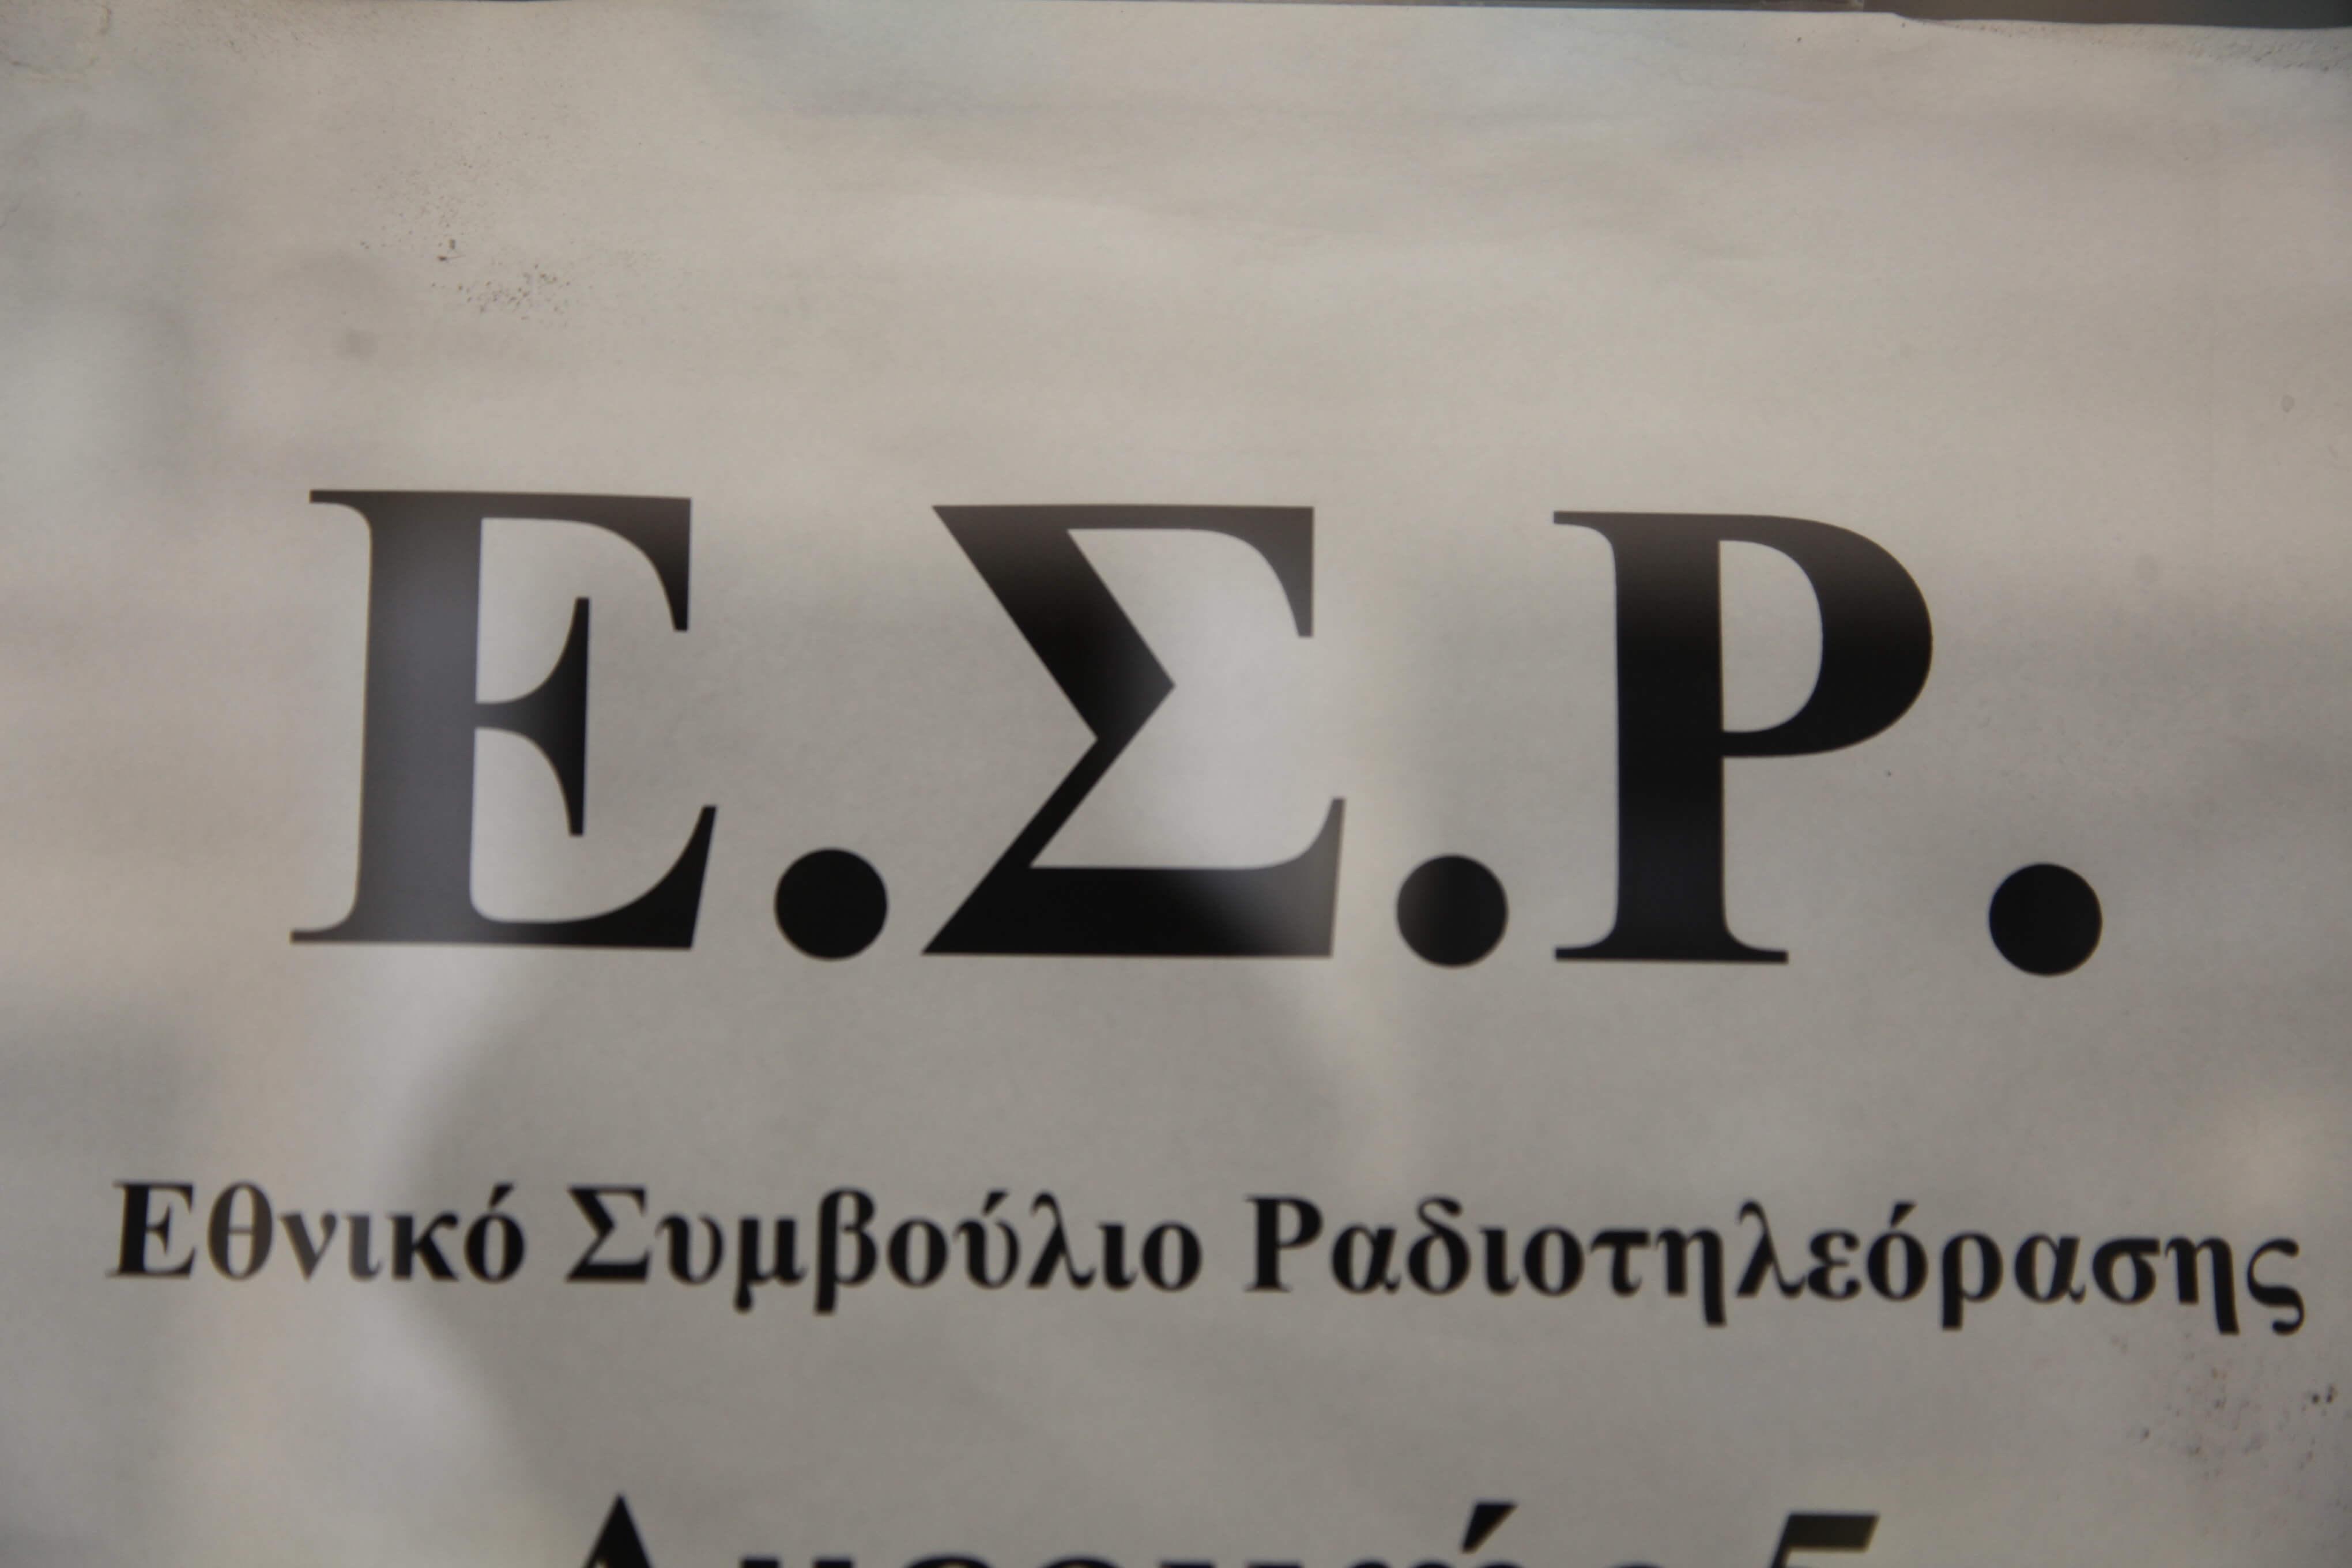 Εθνικό Συμβούλιο Ραδιοτηλεόρασης: το ταμείο από τα πρόστιμα | Newsit.gr